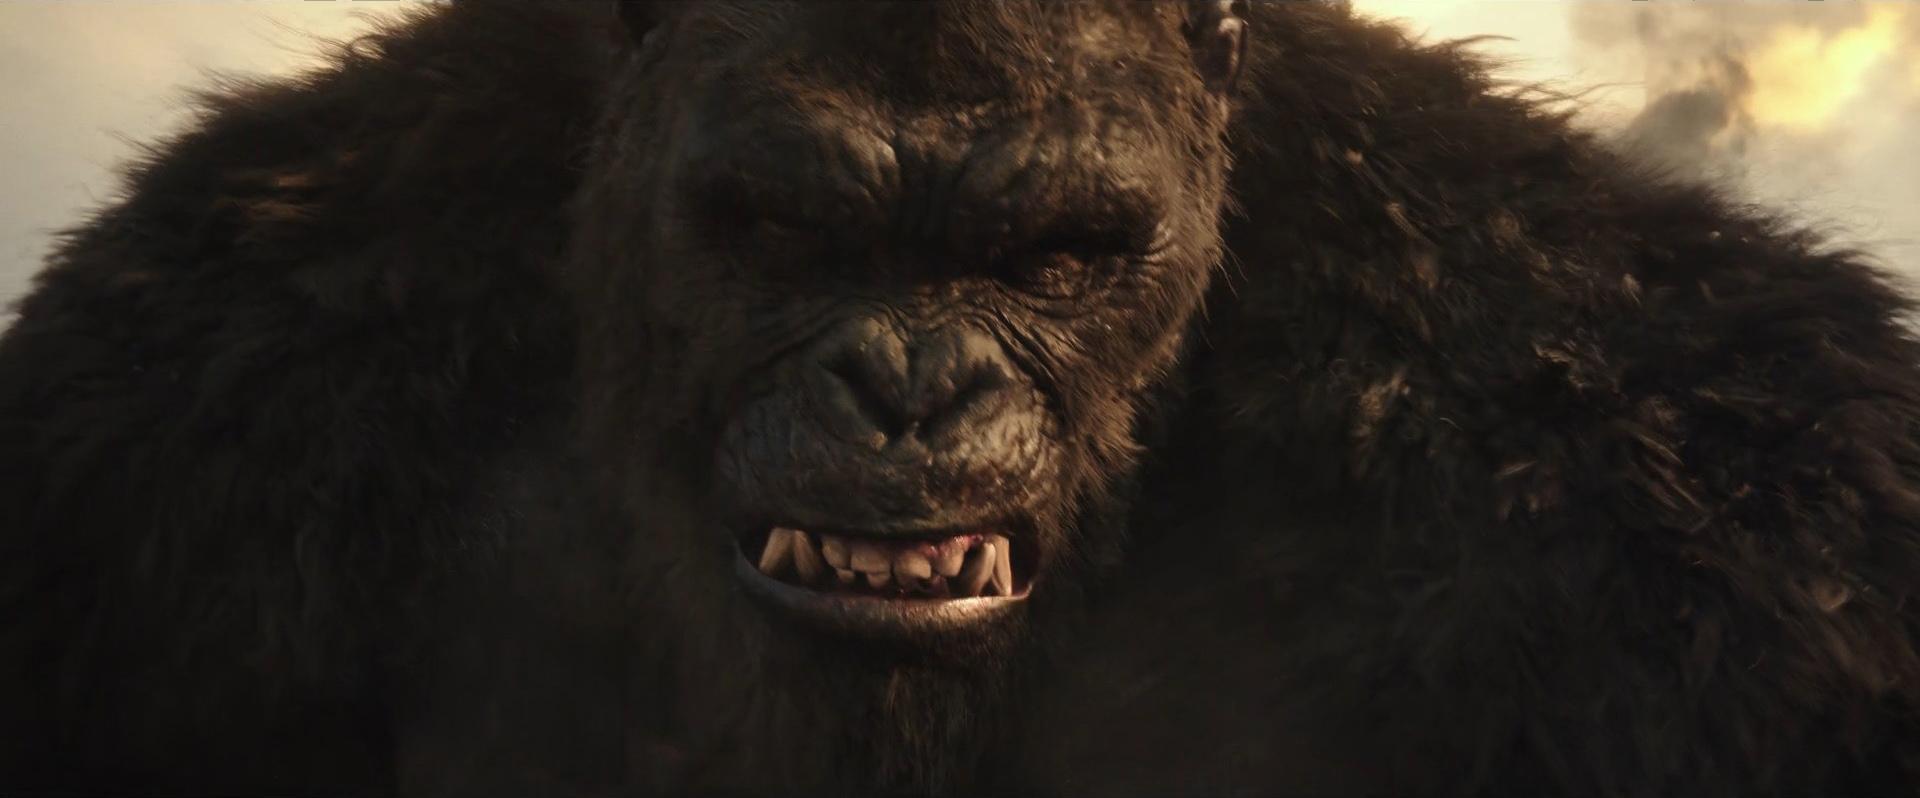 Godzilla vs Kong Trailer Still 68 - Kong angry